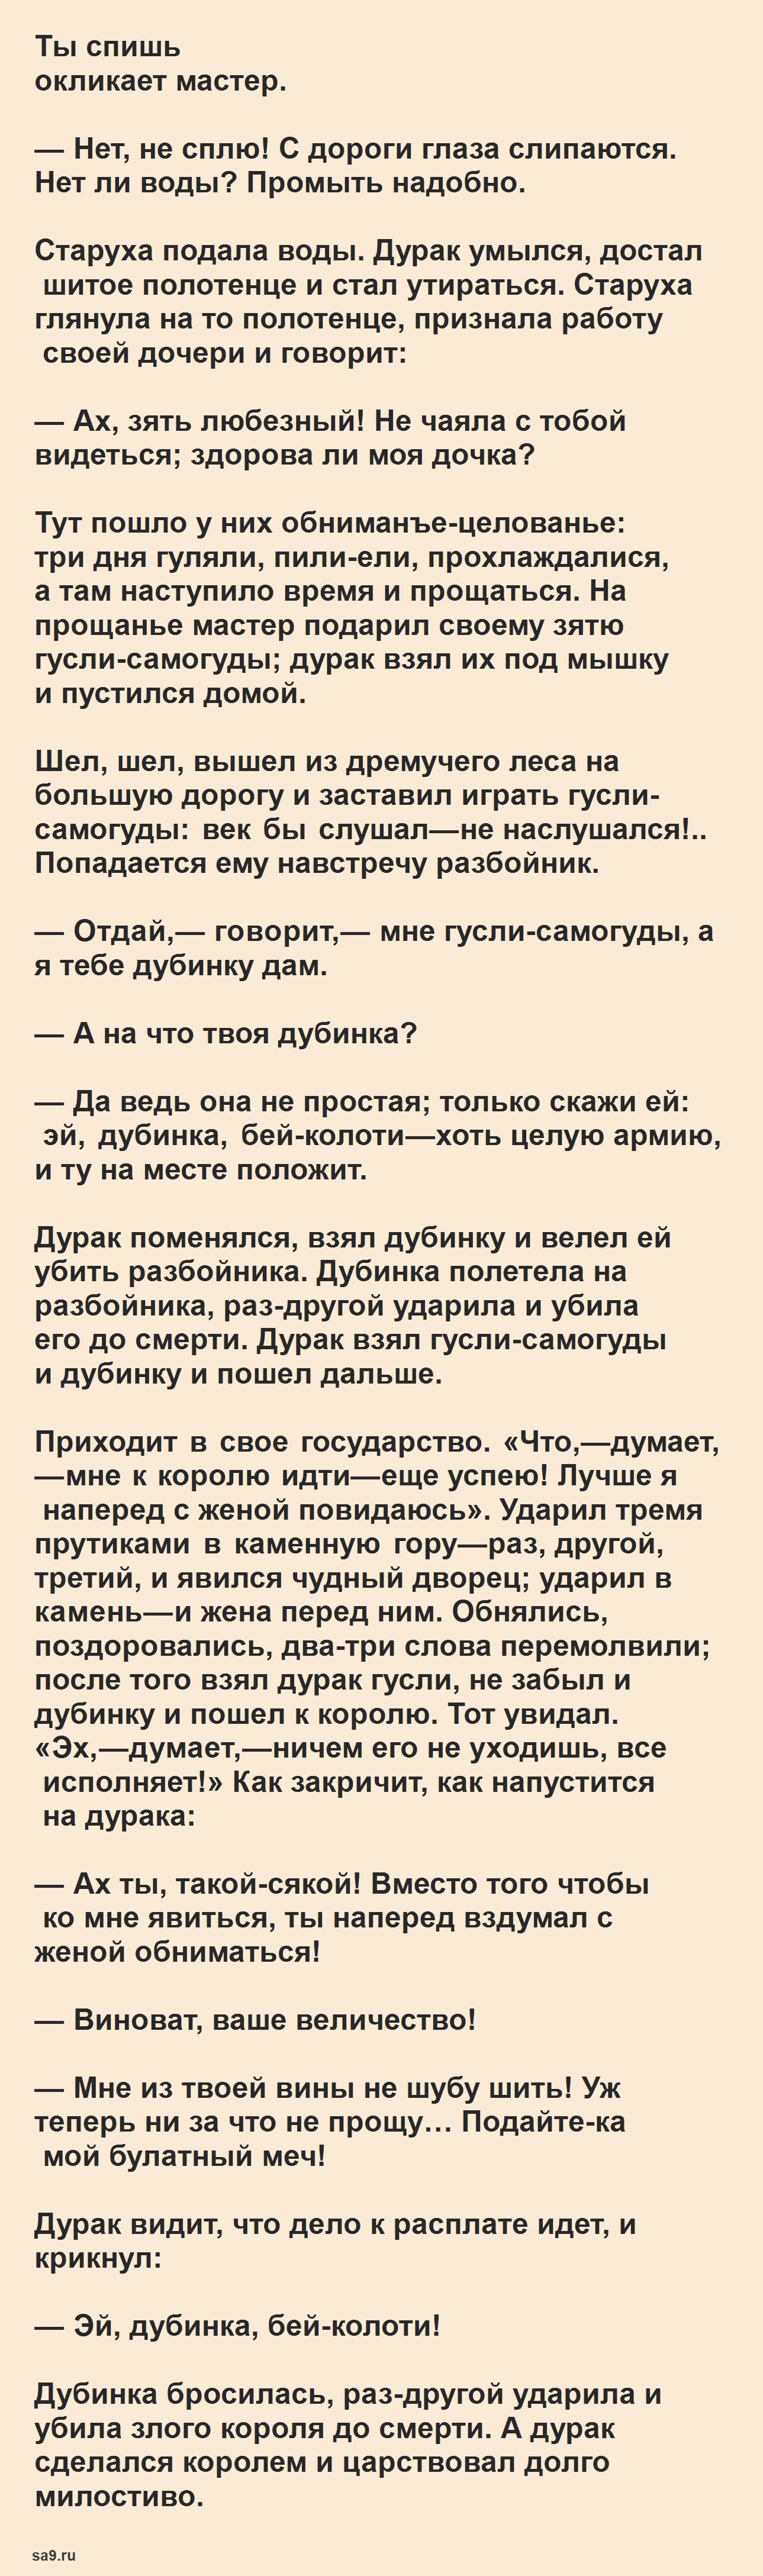 Мудрая жена - русская народная сказка, читать полностью